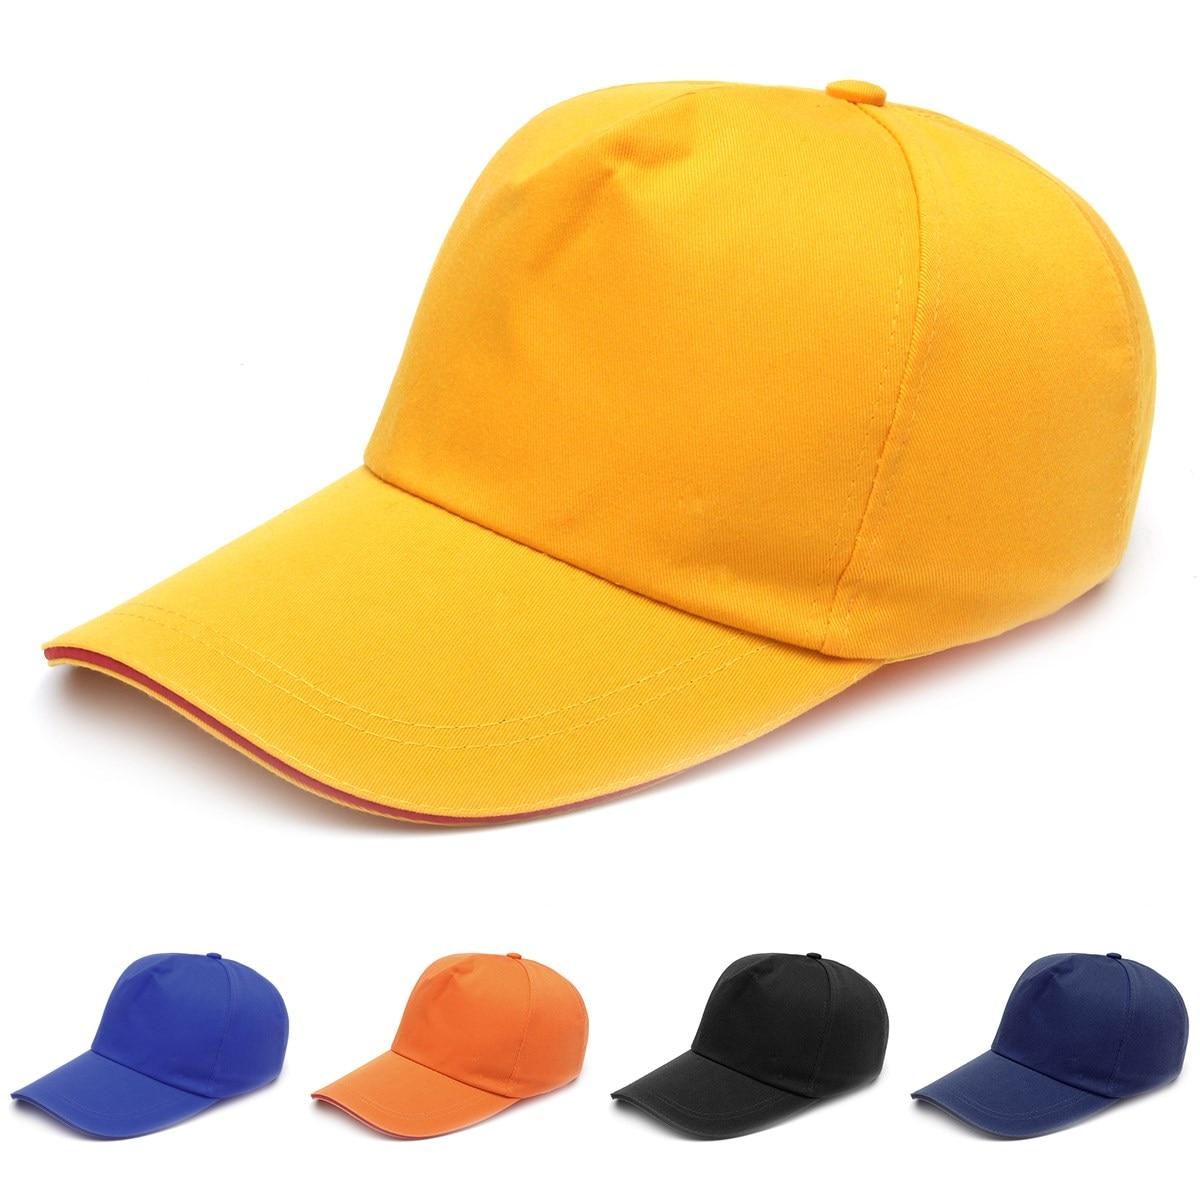 Safurance Bump Cap Baseball Stil Hart Hut Sicherheit Kopfschutz Leichte Arbeit Sicherheit Schutz Schutzhelm